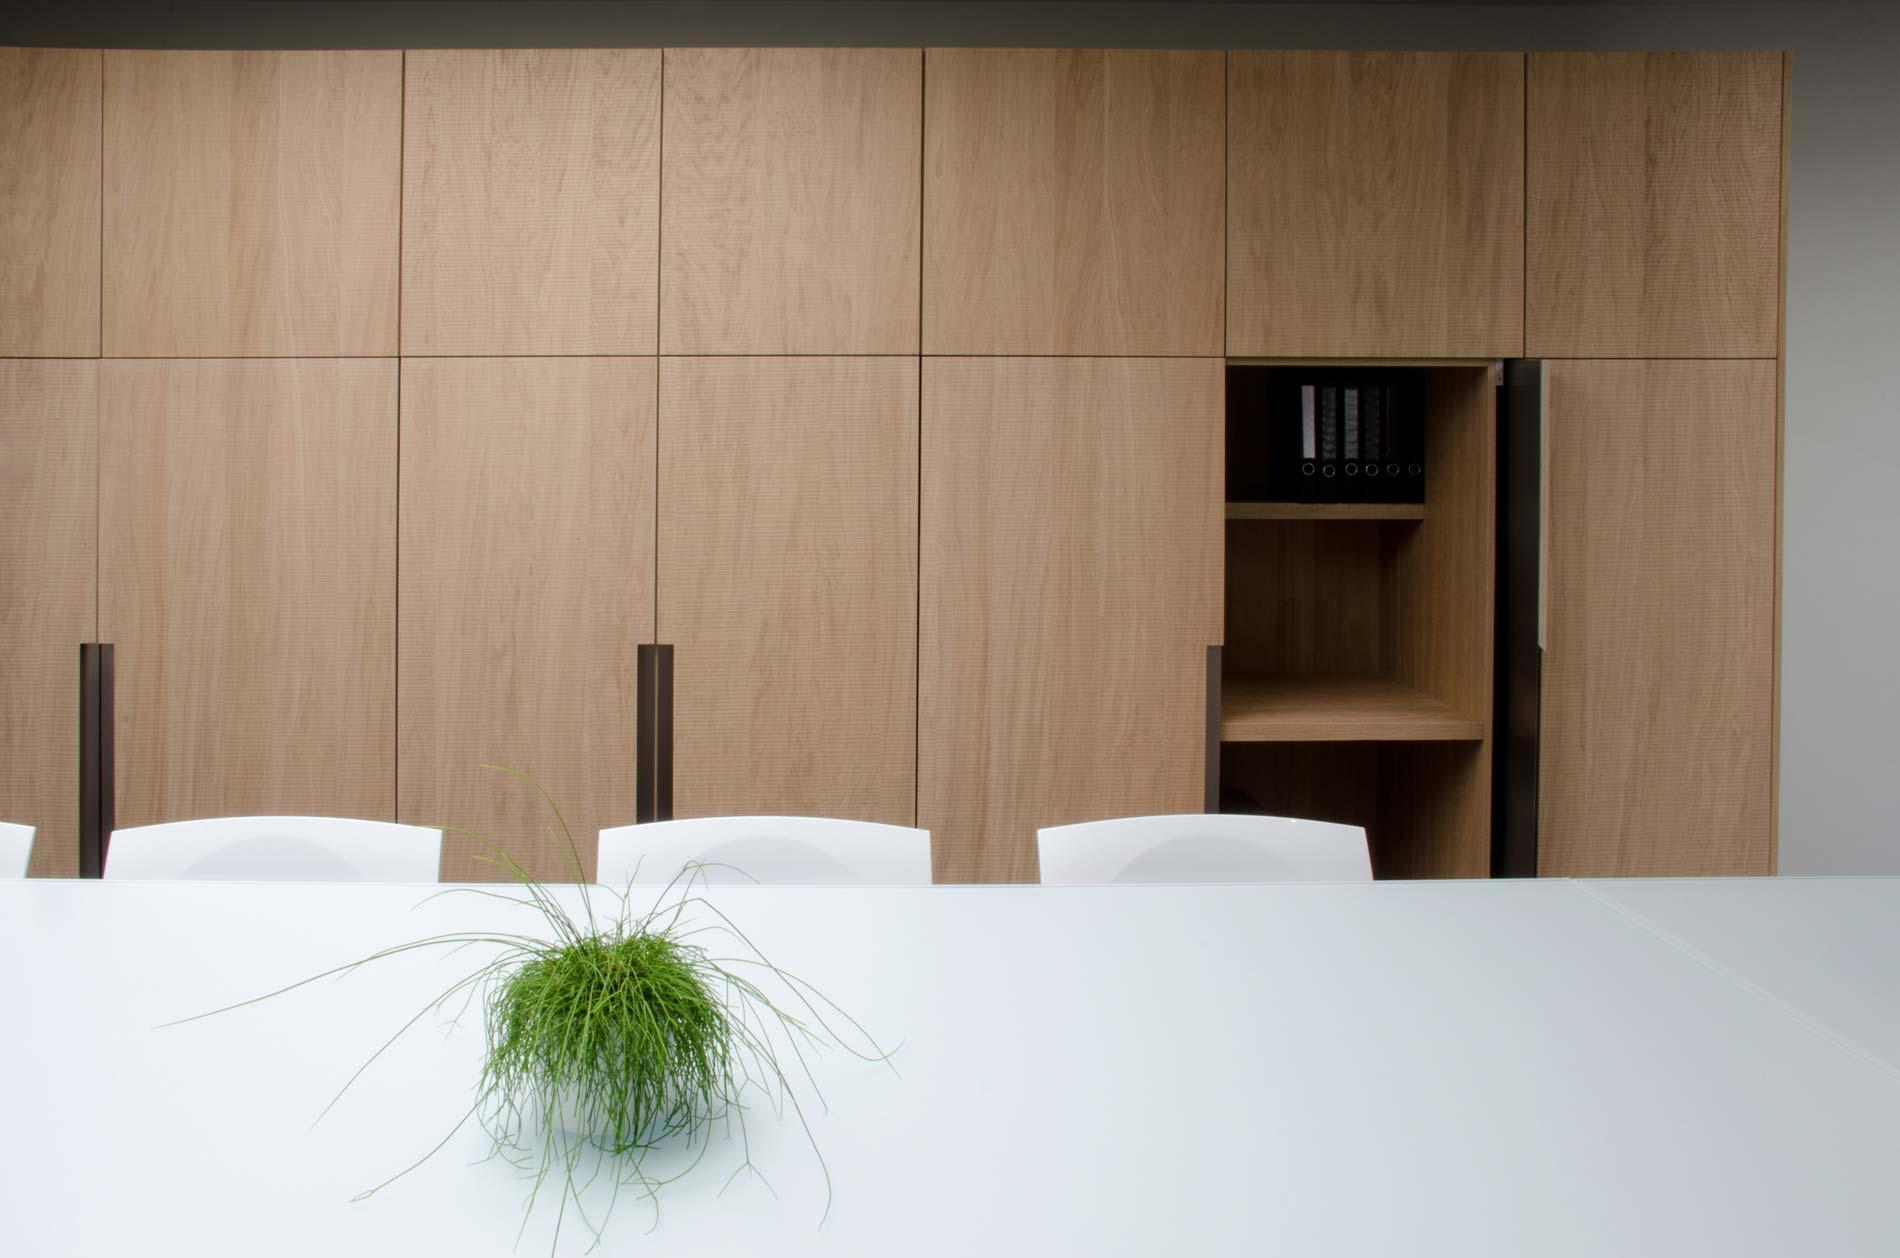 Keuken Badkamer Apeldoorn : Badkamer kasten beste ideen over huis en interieur